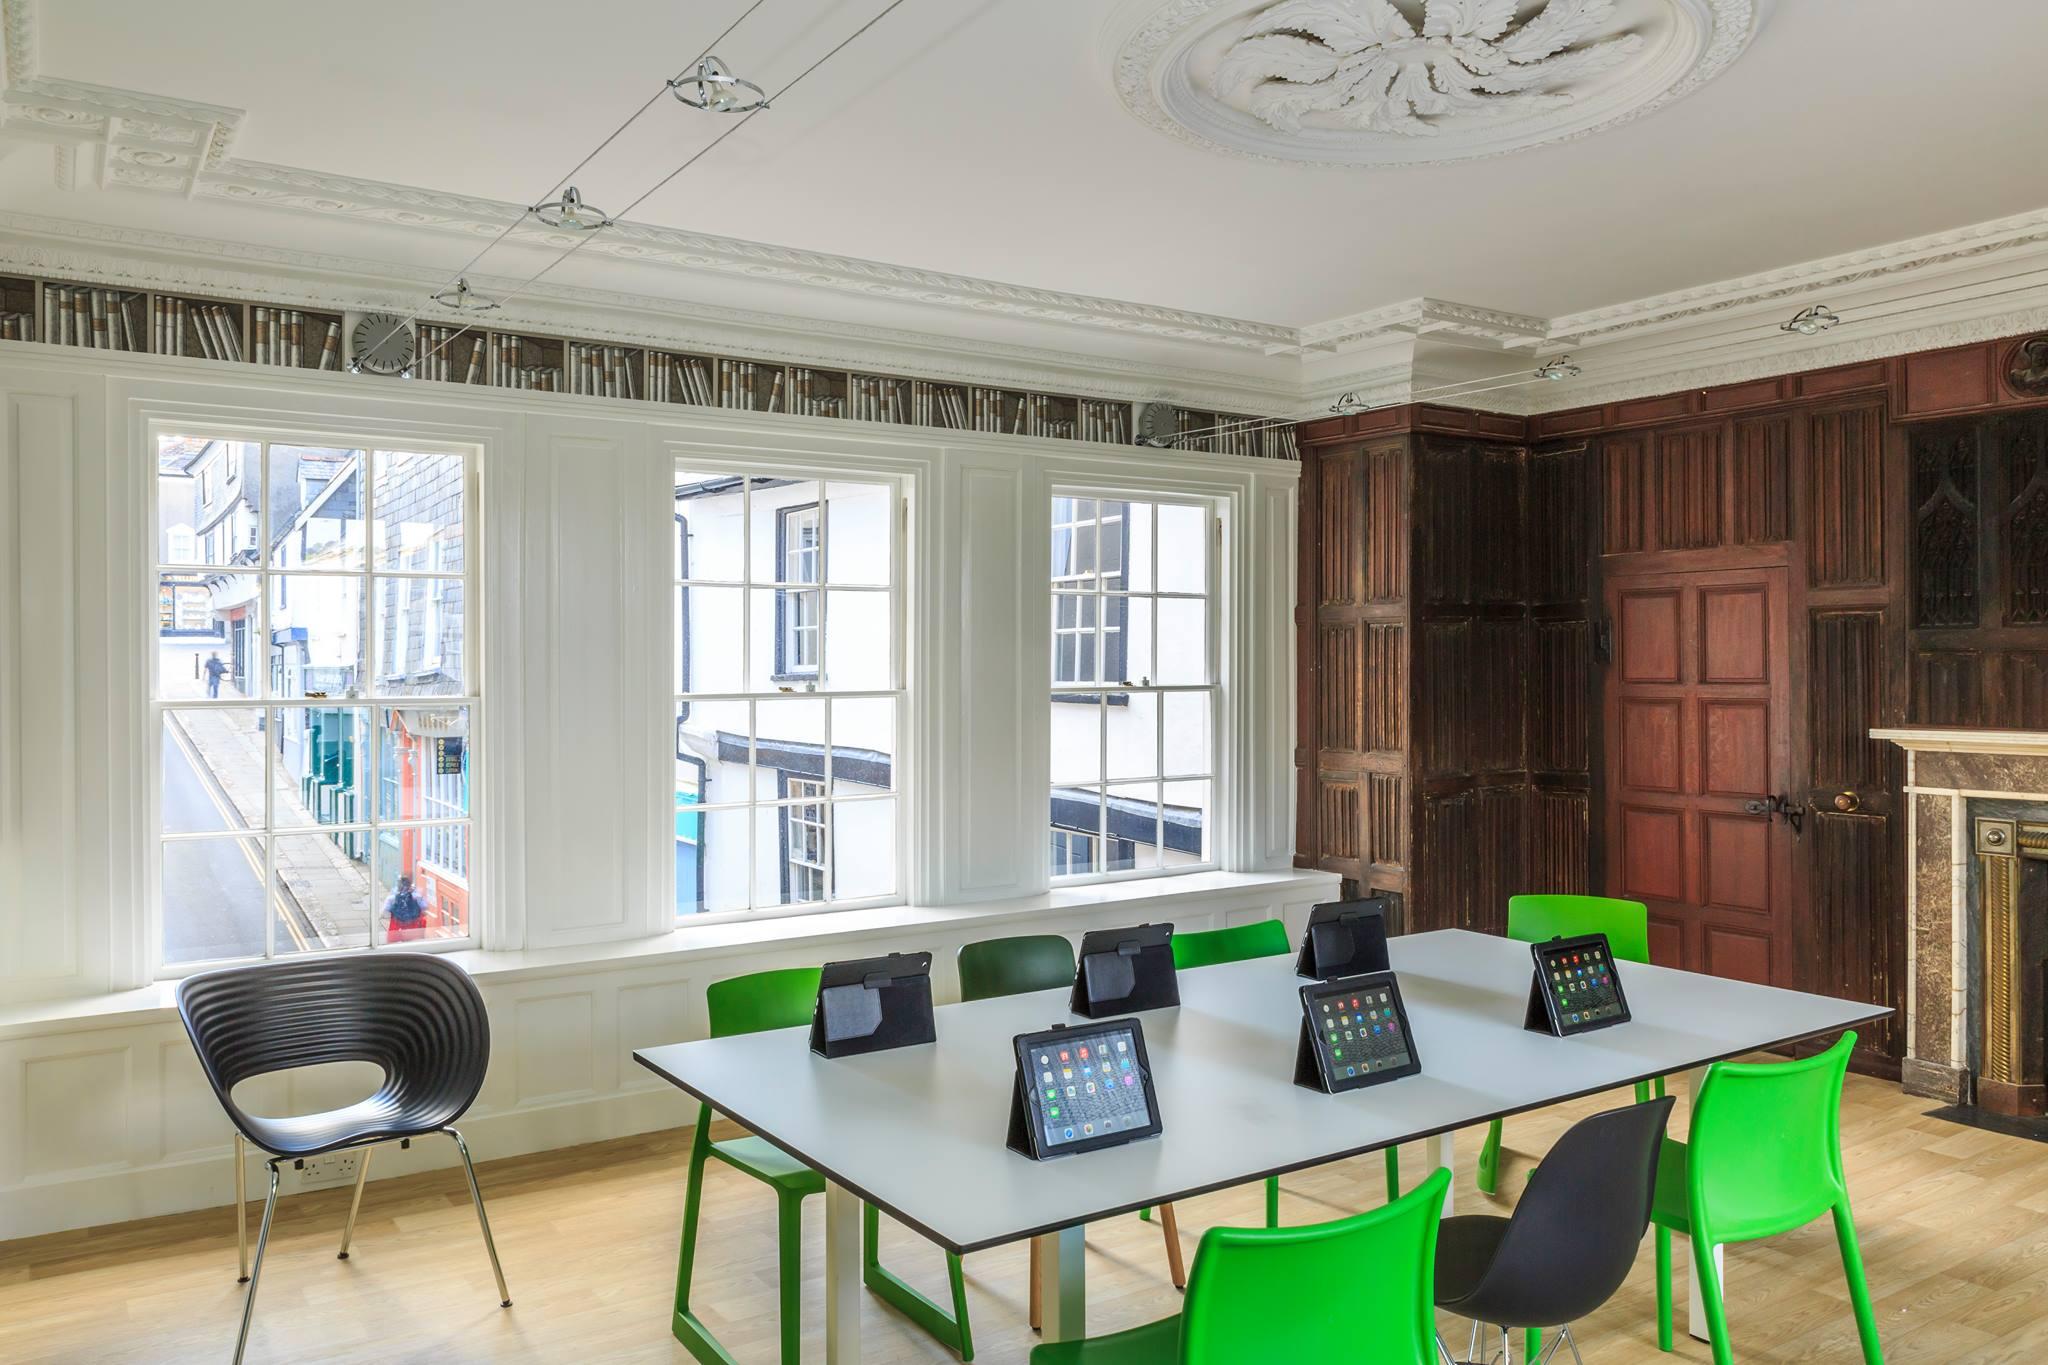 cours d 39 anglais lyon centre de formation en langues s jours linguistiques en angleterre. Black Bedroom Furniture Sets. Home Design Ideas